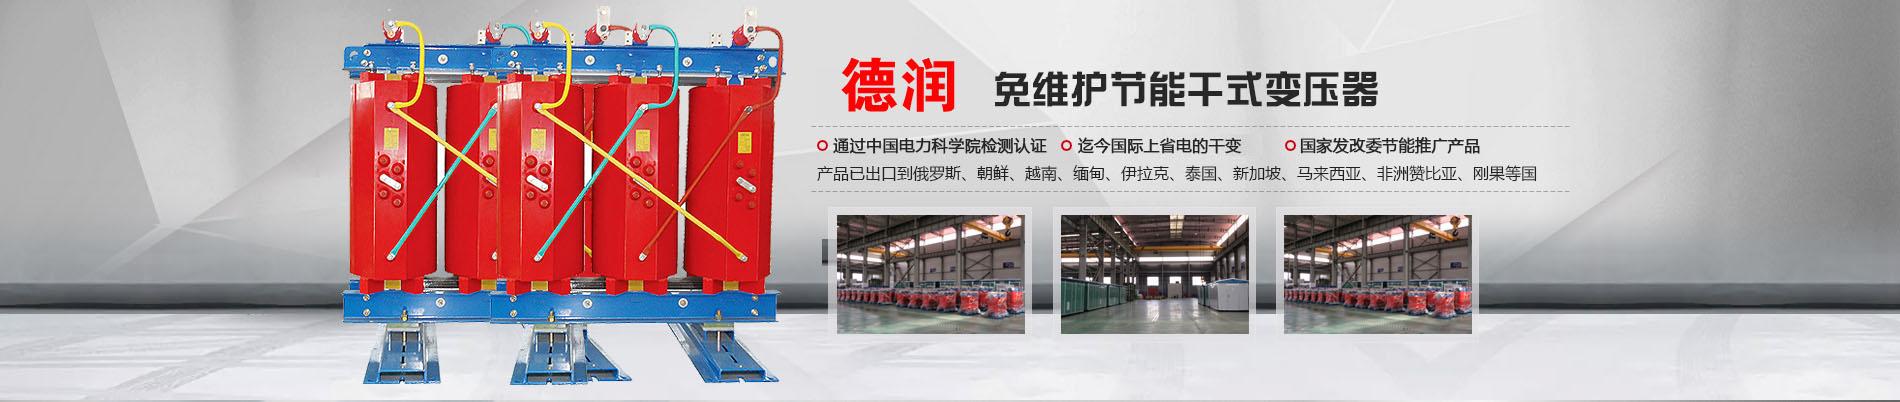 荆州干式变压器厂家